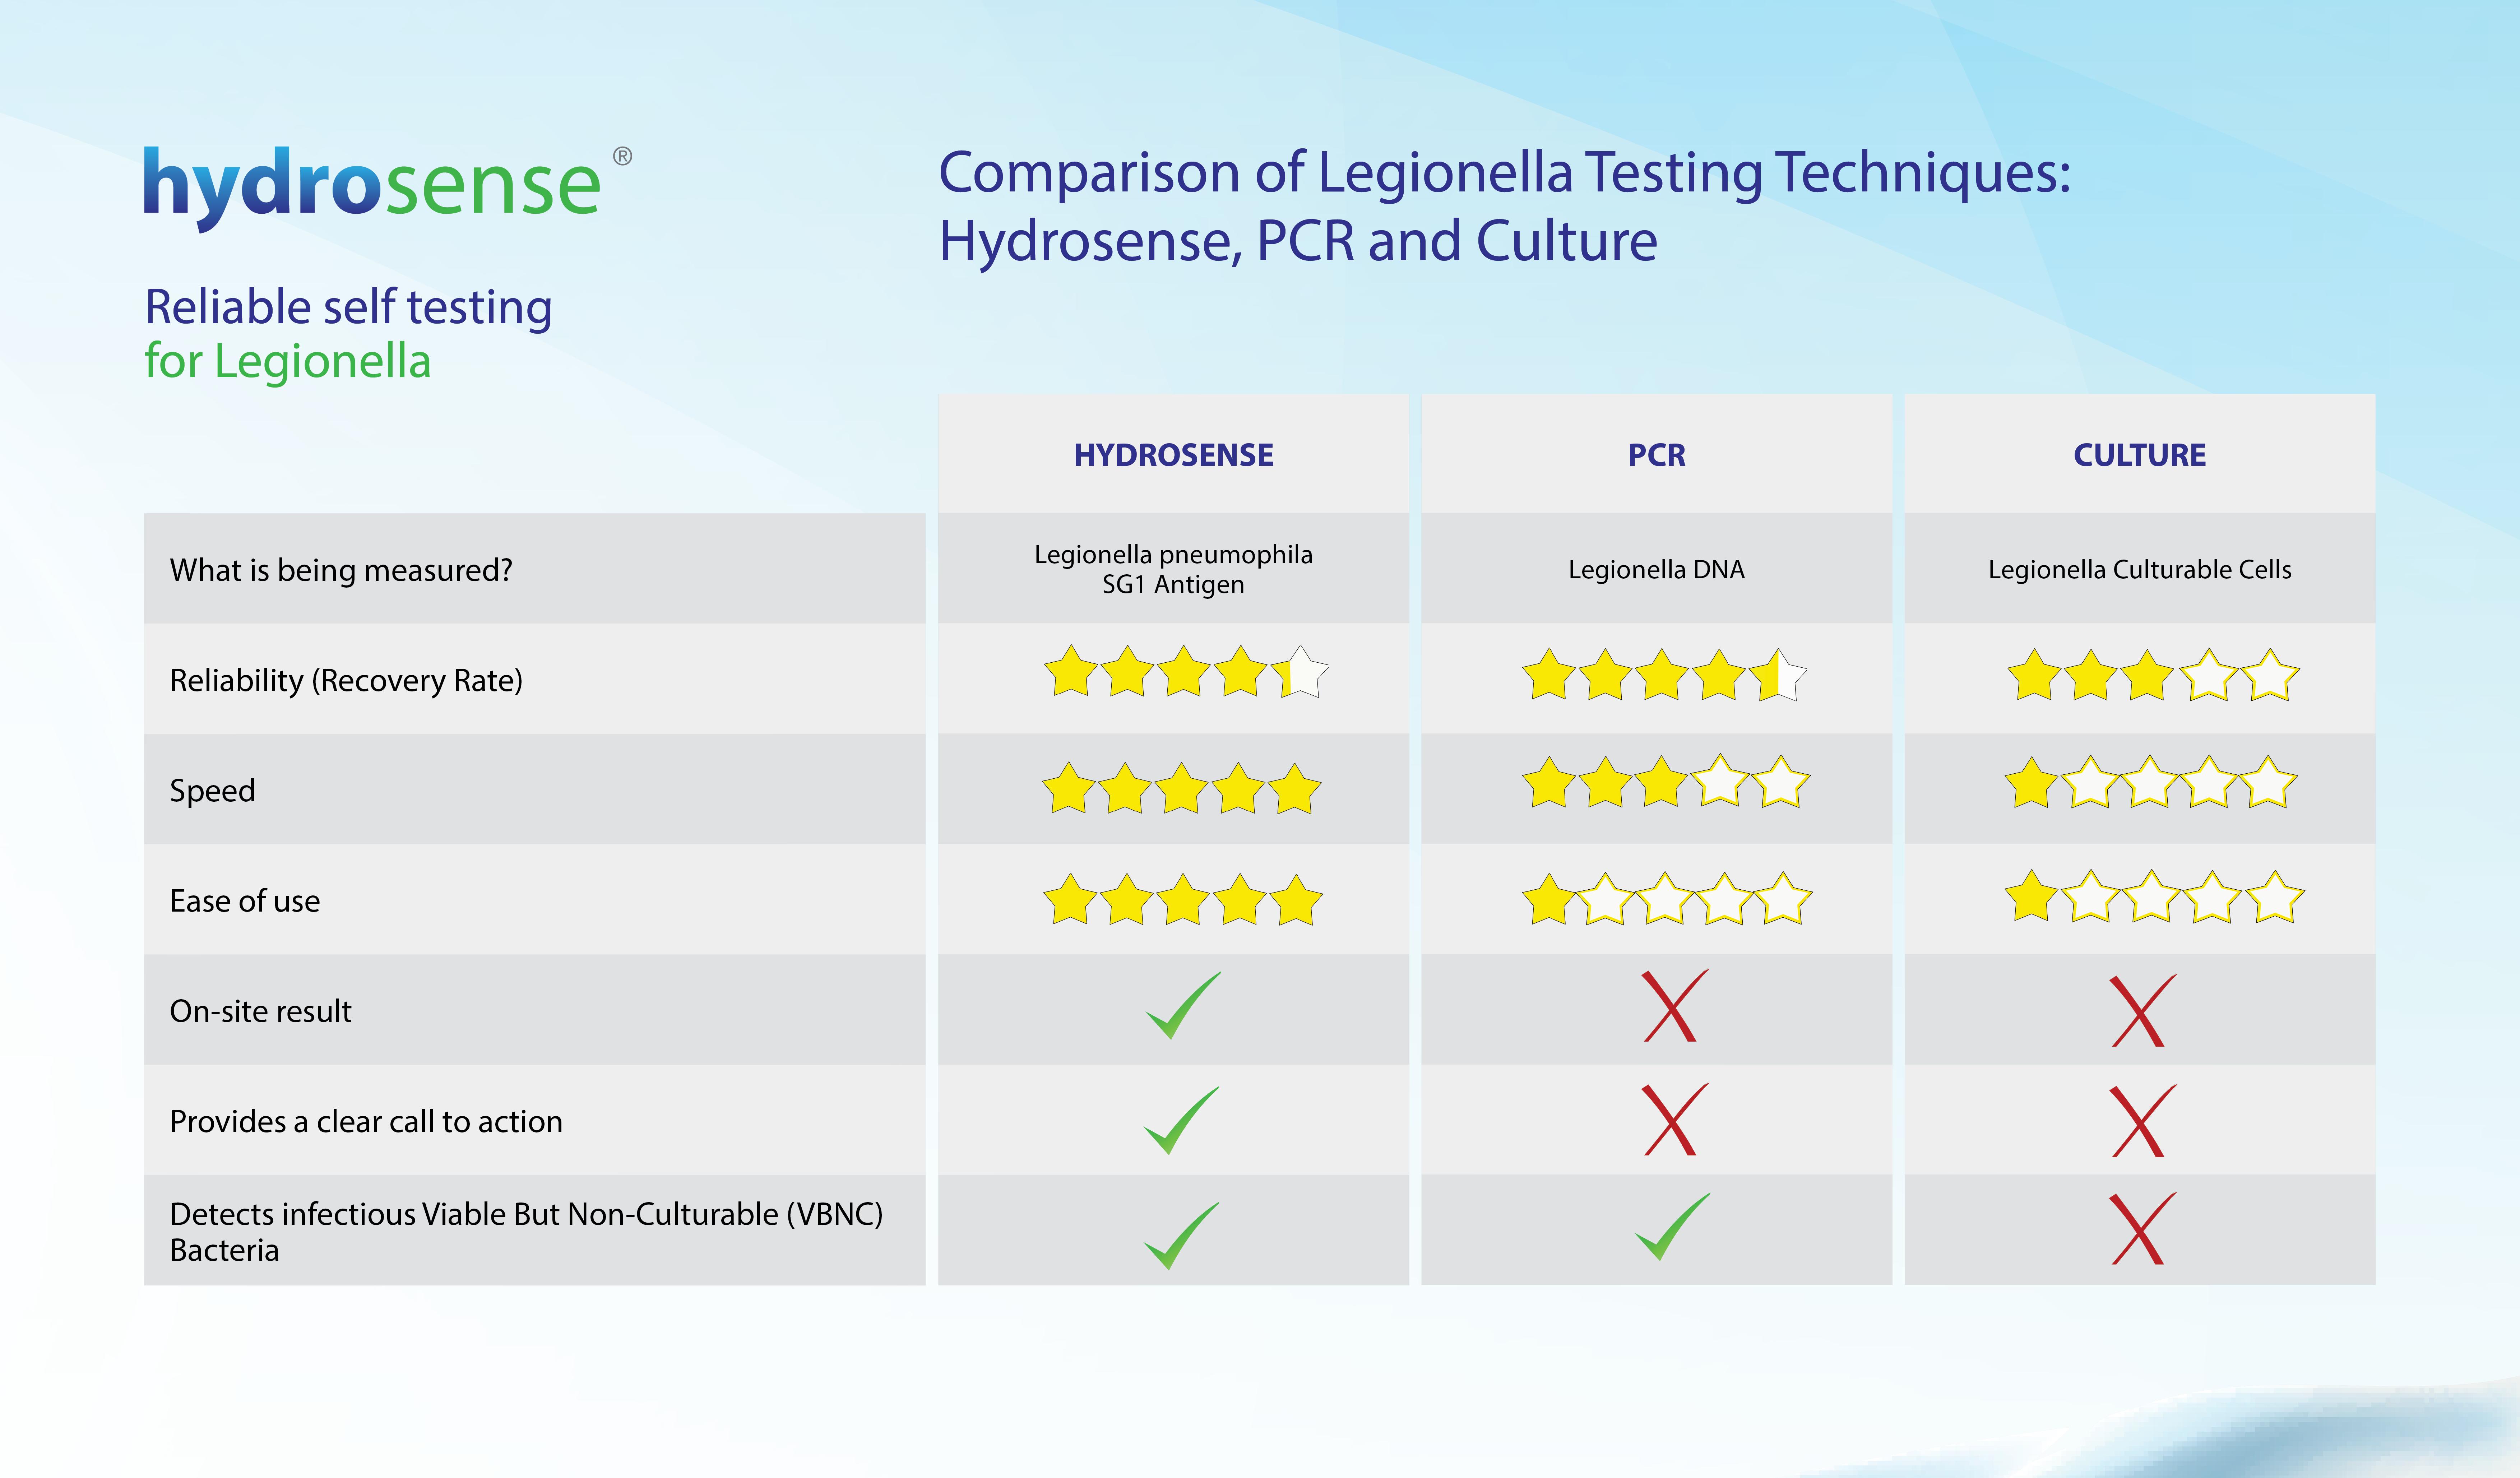 Legionella Testing Methods Comparison